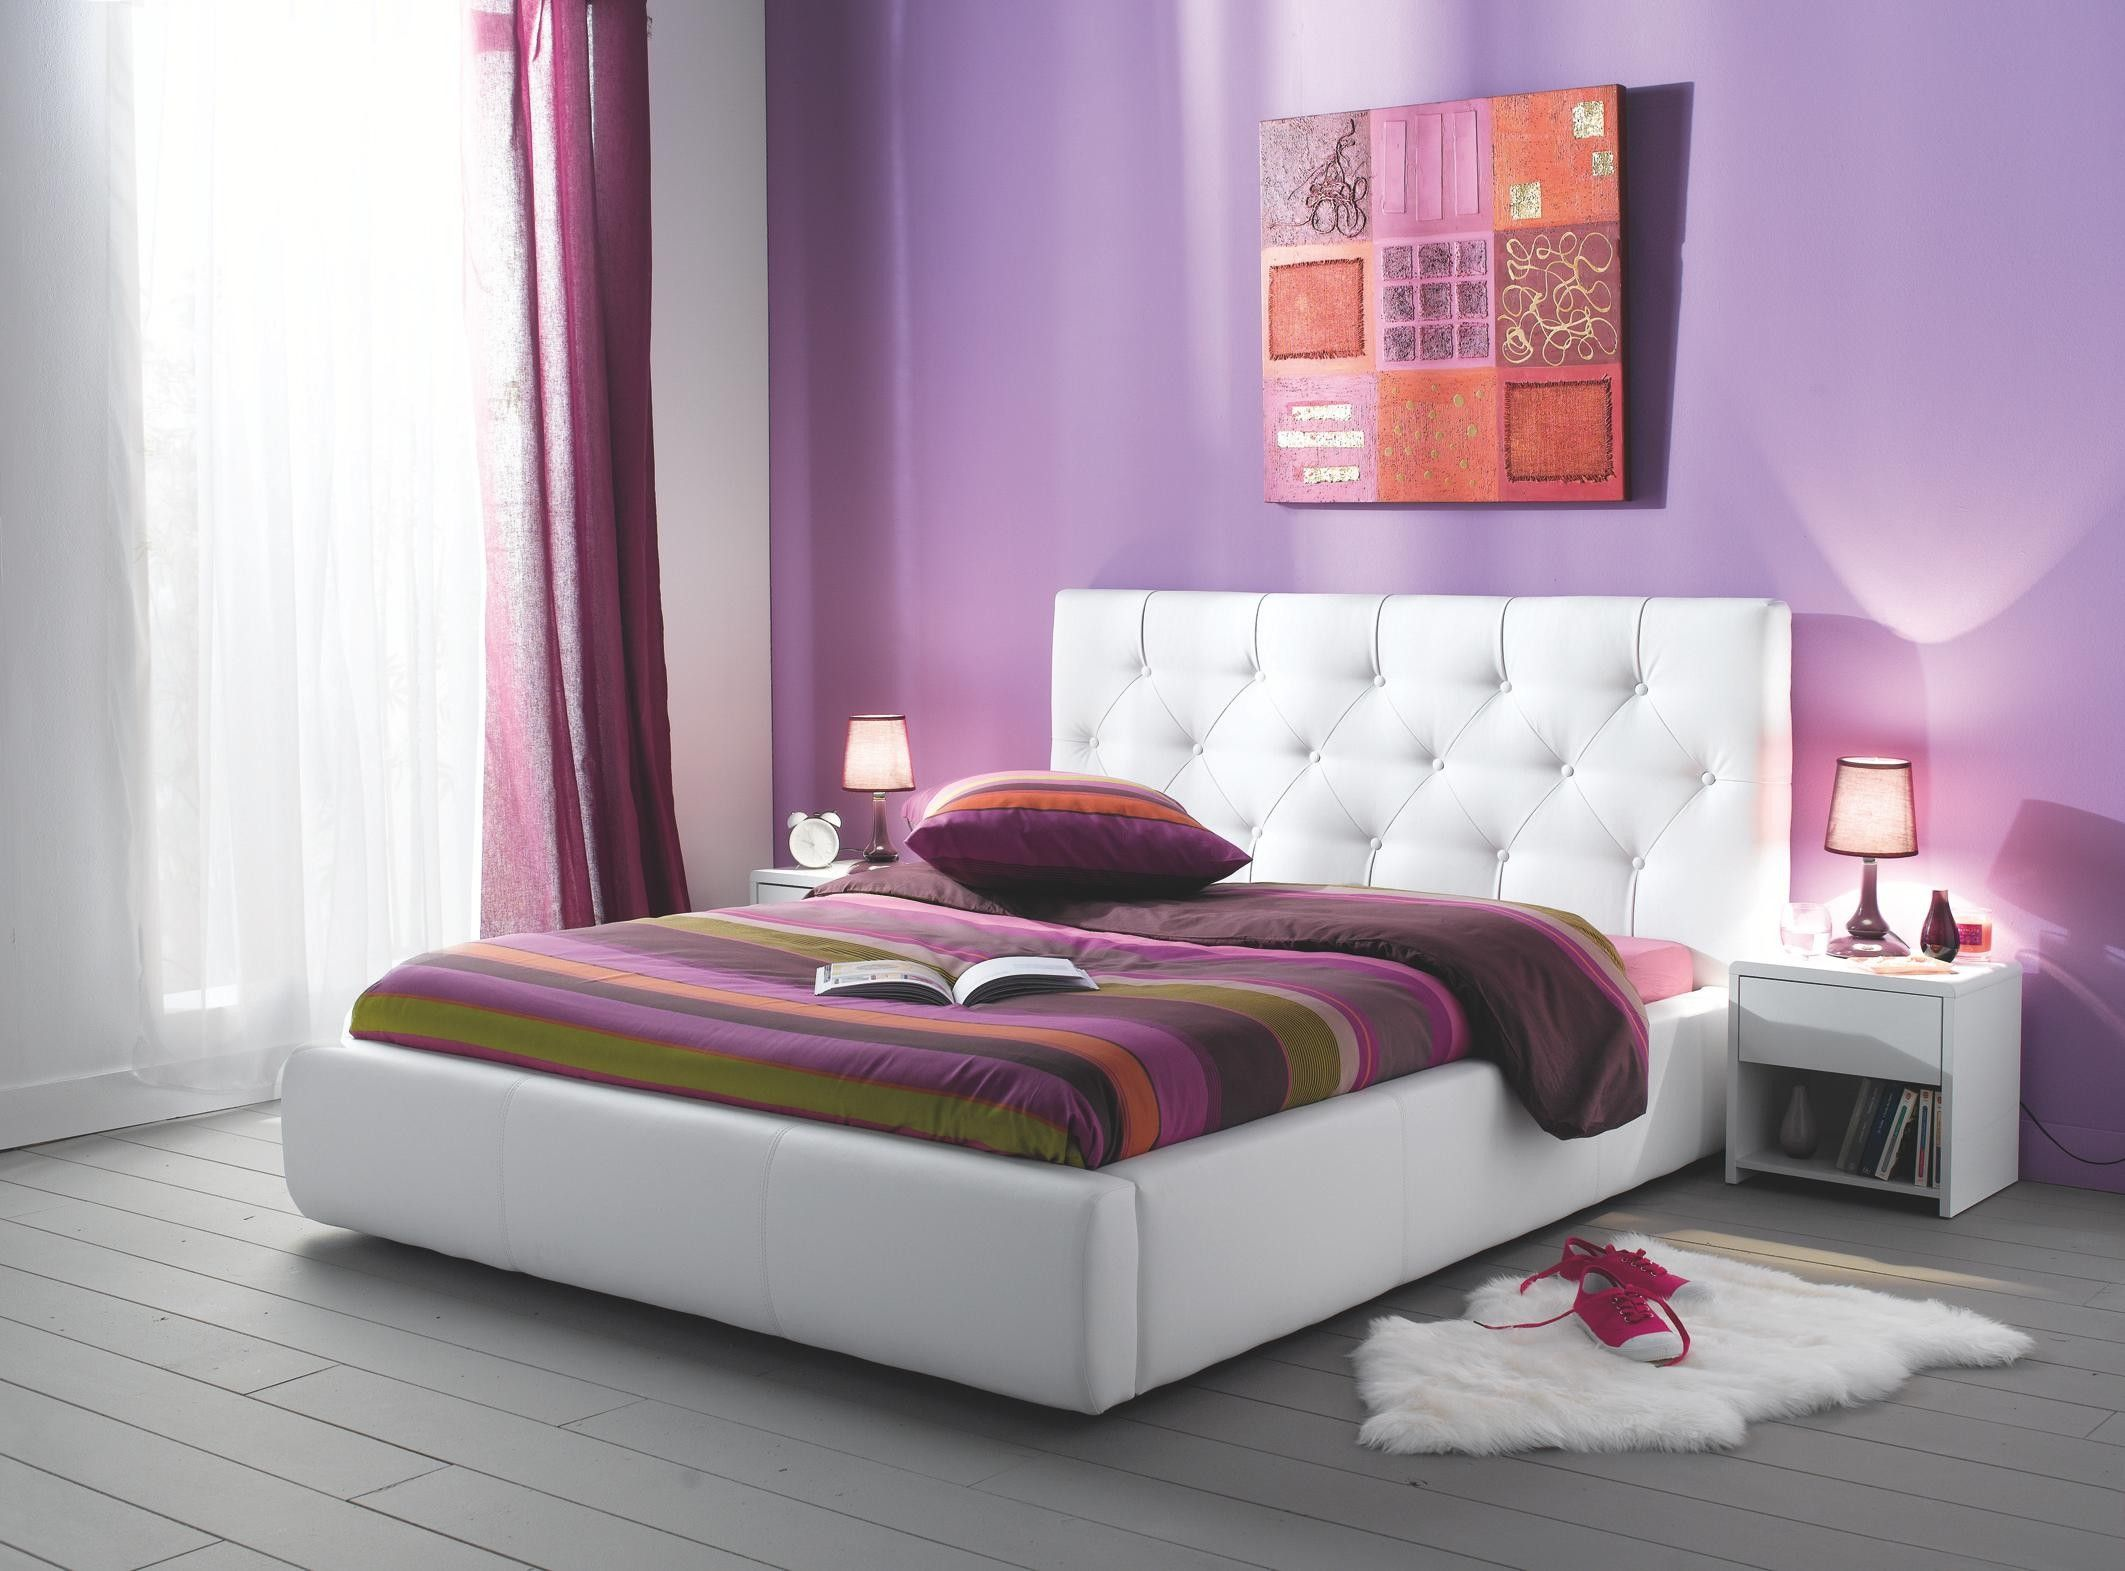 Cama Roxana En Conforama | My Home | Pinterest | Quarto De Casal ... Schlafzimmer Conforama